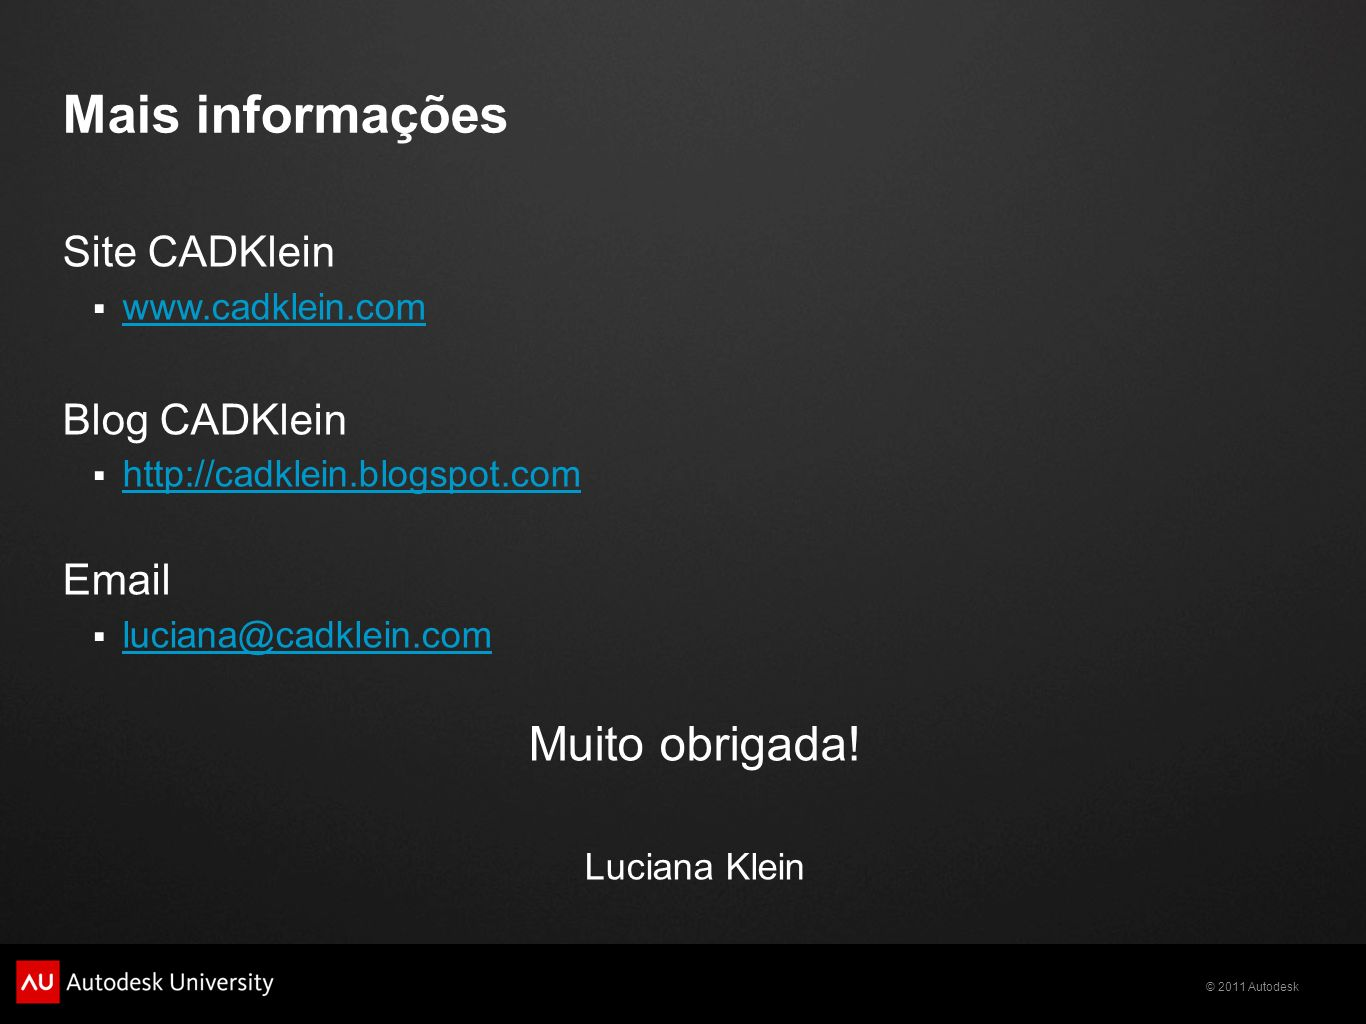 © 2011 Autodesk Mais informações Site CADKlein www.cadklein.com Blog CADKlein http://cadklein.blogspot.com Email luciana@cadklein.com Muito obrigada!